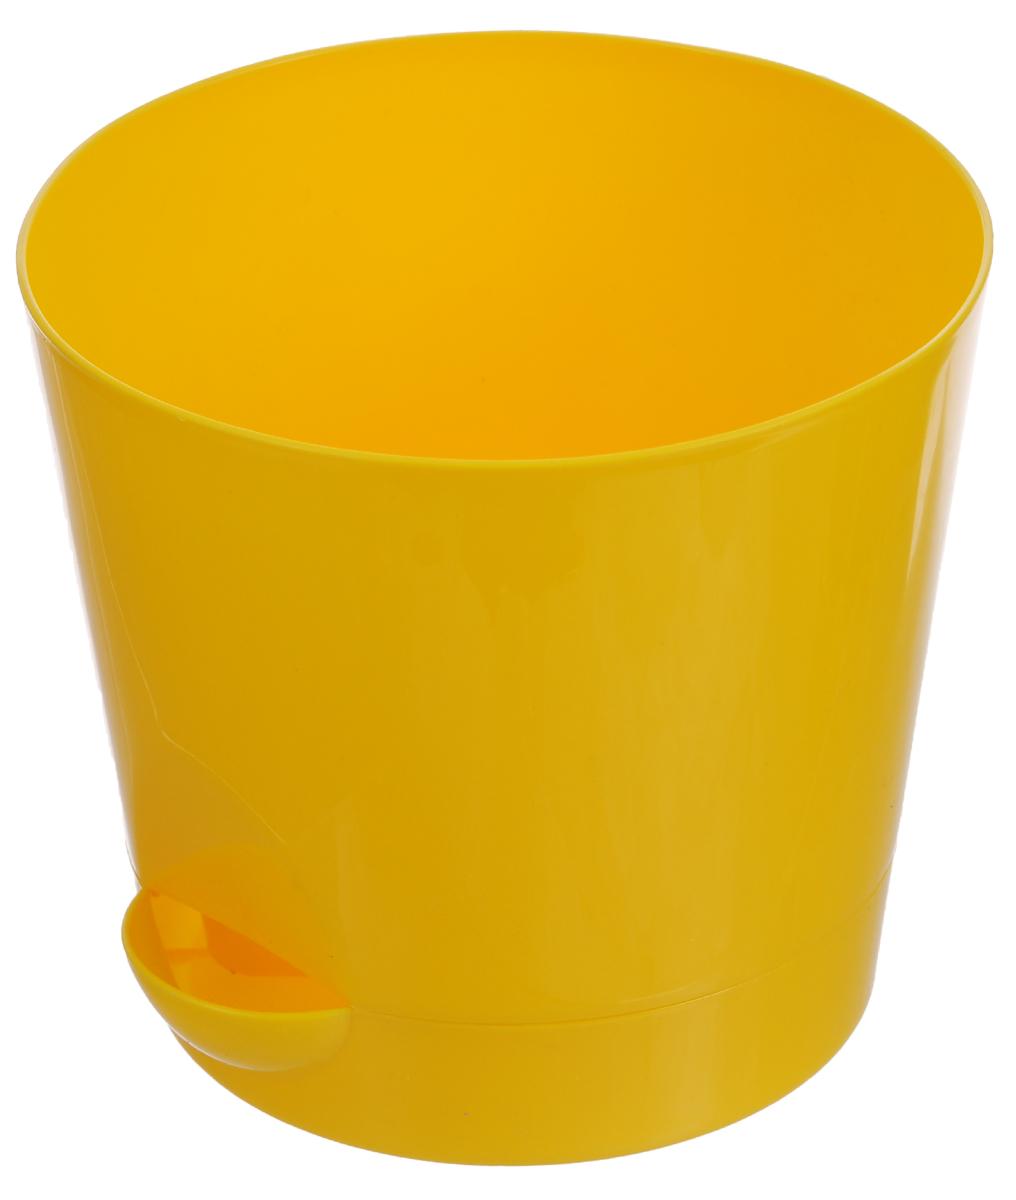 Кашпо Idea Ника, с прикорневым поливом, с поддоном, цвет: желтый, 800 млSS 4041Кашпо Idea Ника изготовлено из высококачественного полипропилена. В комплект входит поддон со специальной выемкой, благодаря которому имеется возможность прикорневого полива. Изделие подходит для выращивания растений и цветов в домашних условиях. Такое кашпо станет прекрасным дополнением интерьера. Объем горшка: 800 мл. Диаметр горшка (по верхнему краю): 12 см. Высота горшка: 10,7 см. Диаметр поддона: 10 см.